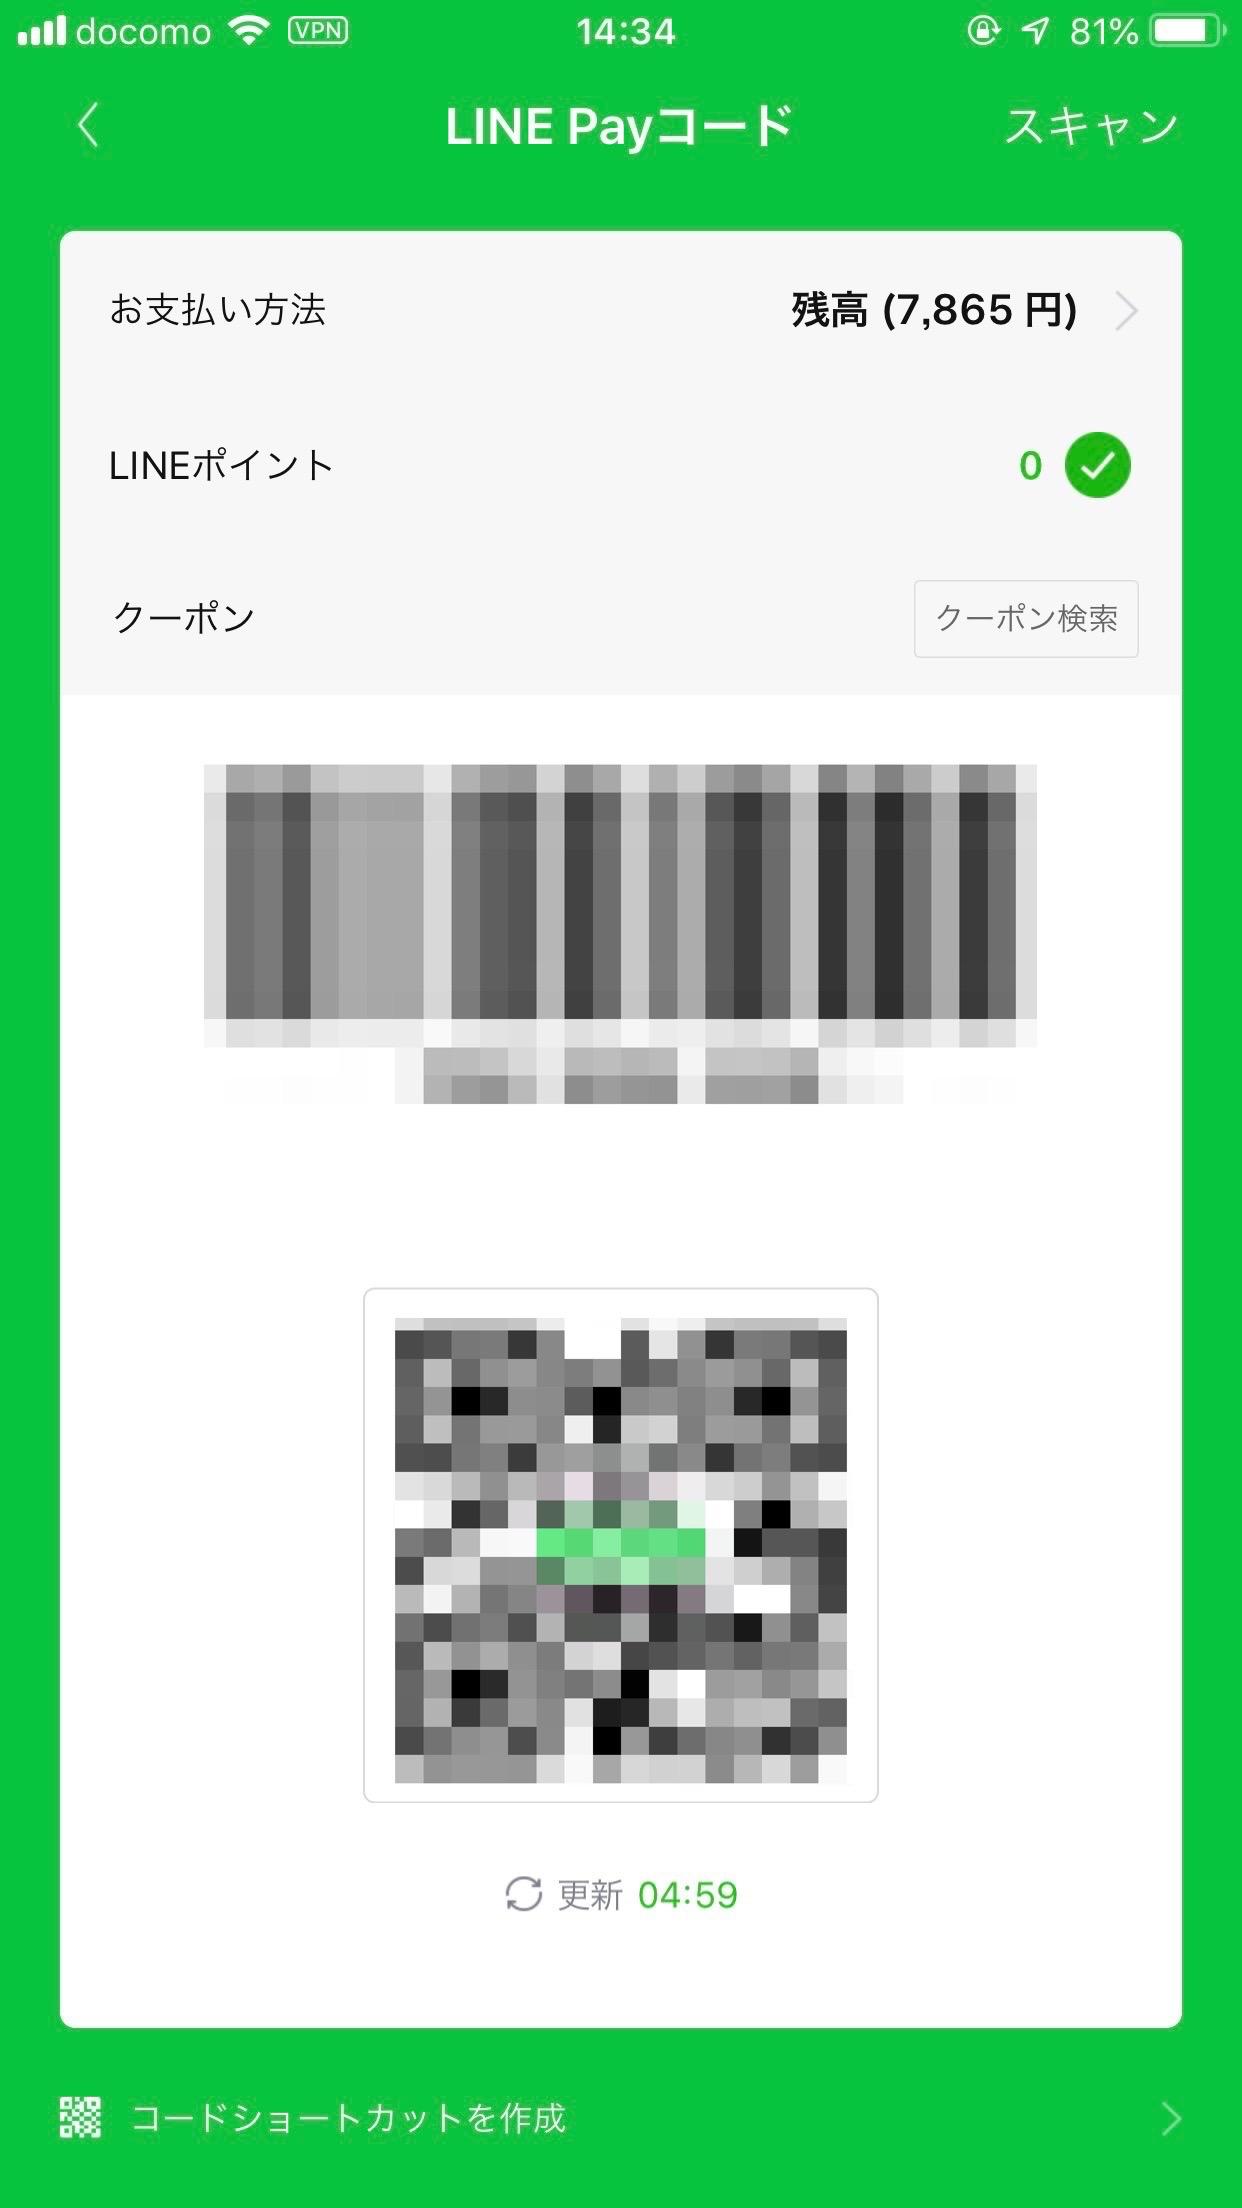 【LINE】マイカードのPontaからコード支払いへの遷移が便利になっていた 2